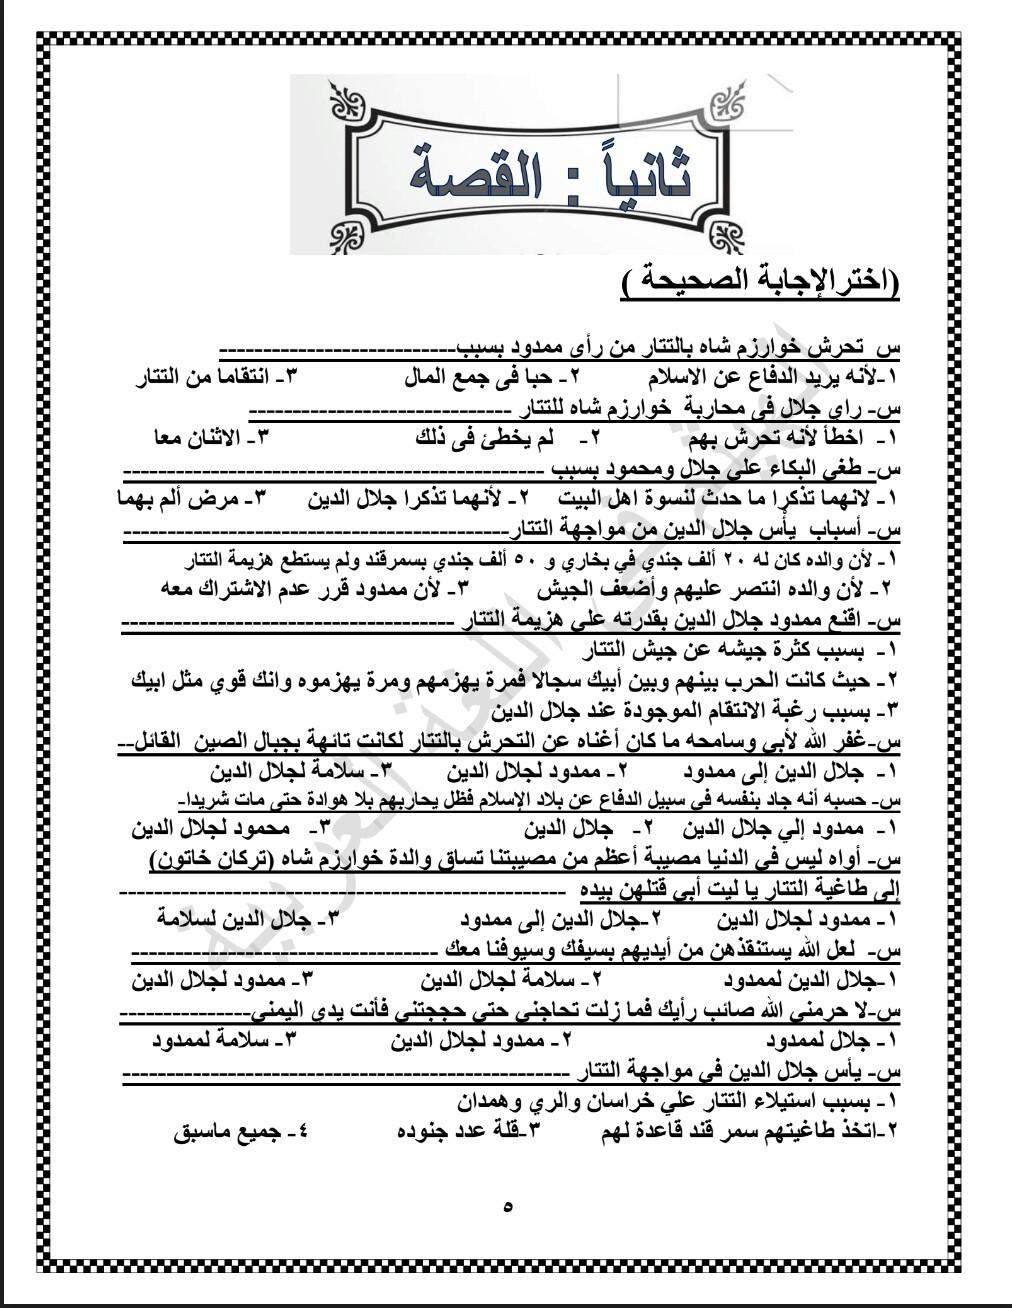 تحميل المراجعة النهائية في اللغه العربيه للصف الاول الثانوي العام الترم الاول لمستر هيثم محمود